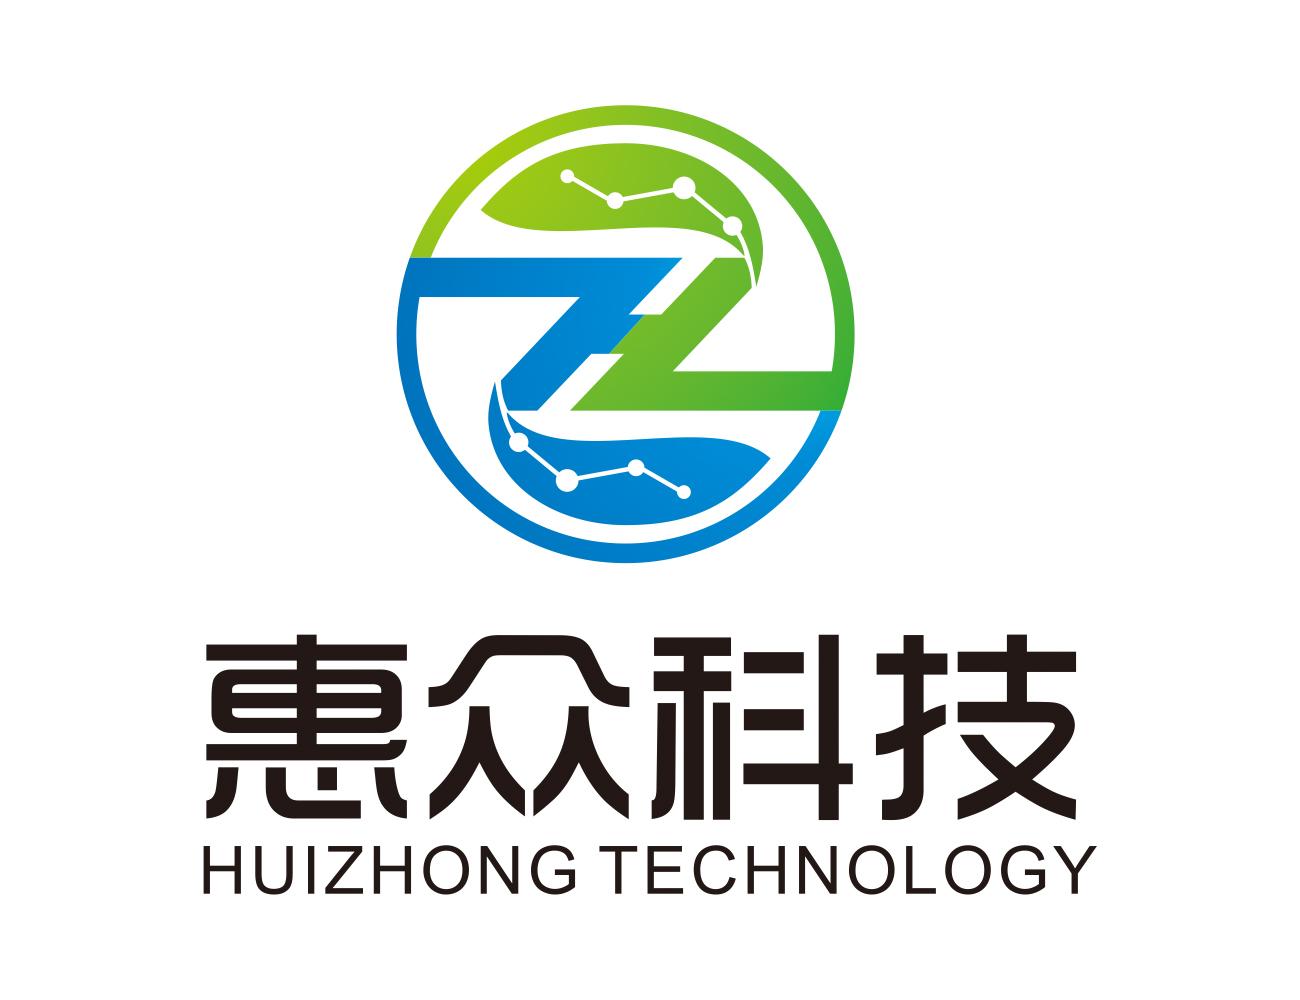 石家莊惠眾科技有限公司